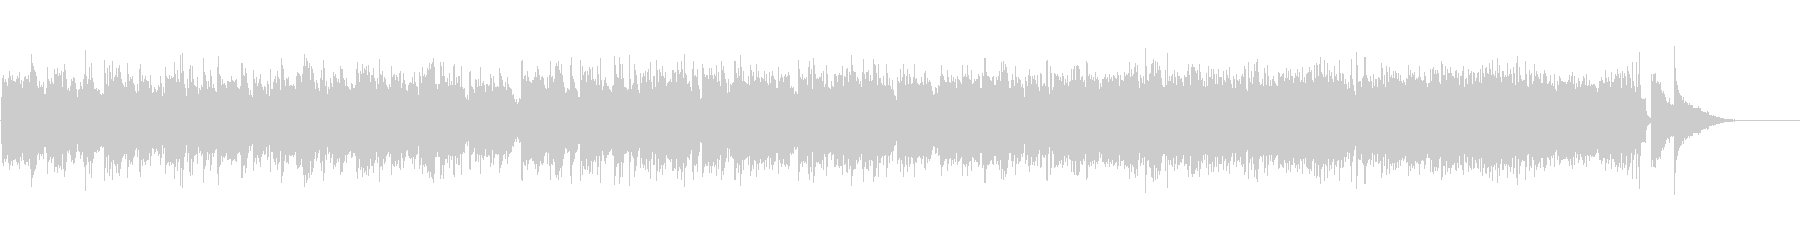 劇的なピアノ曲 悲愴 スクリャービンの未再生の波形